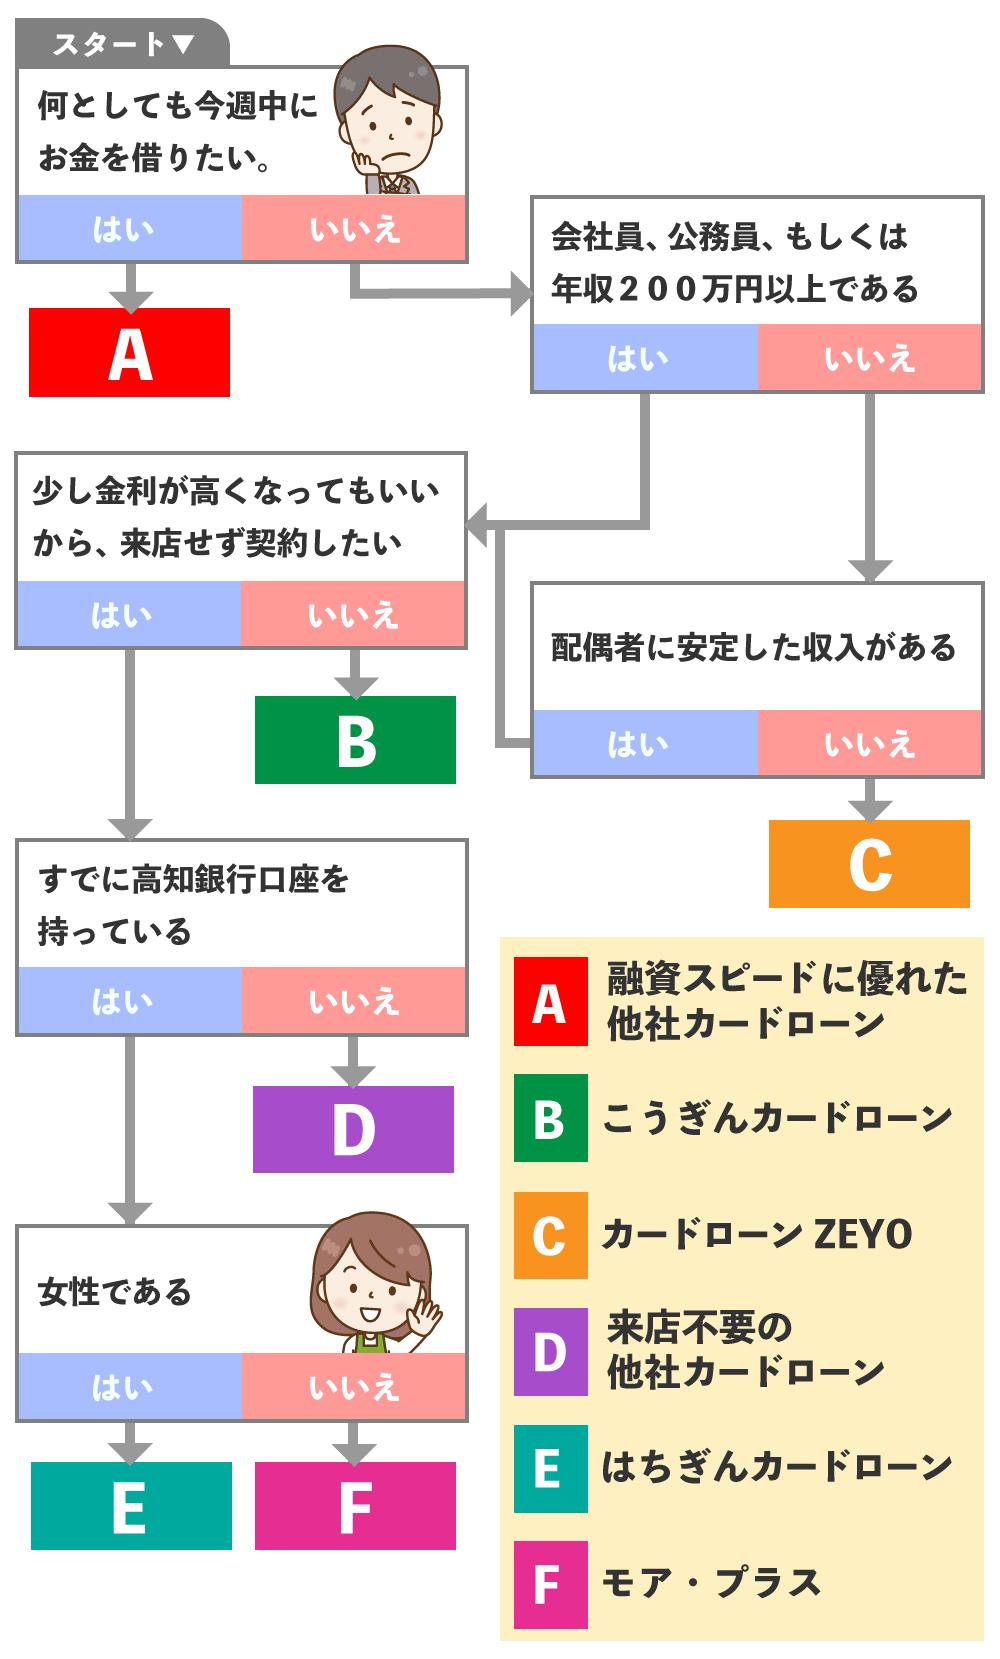 高知銀行カードローンの選び方チャート